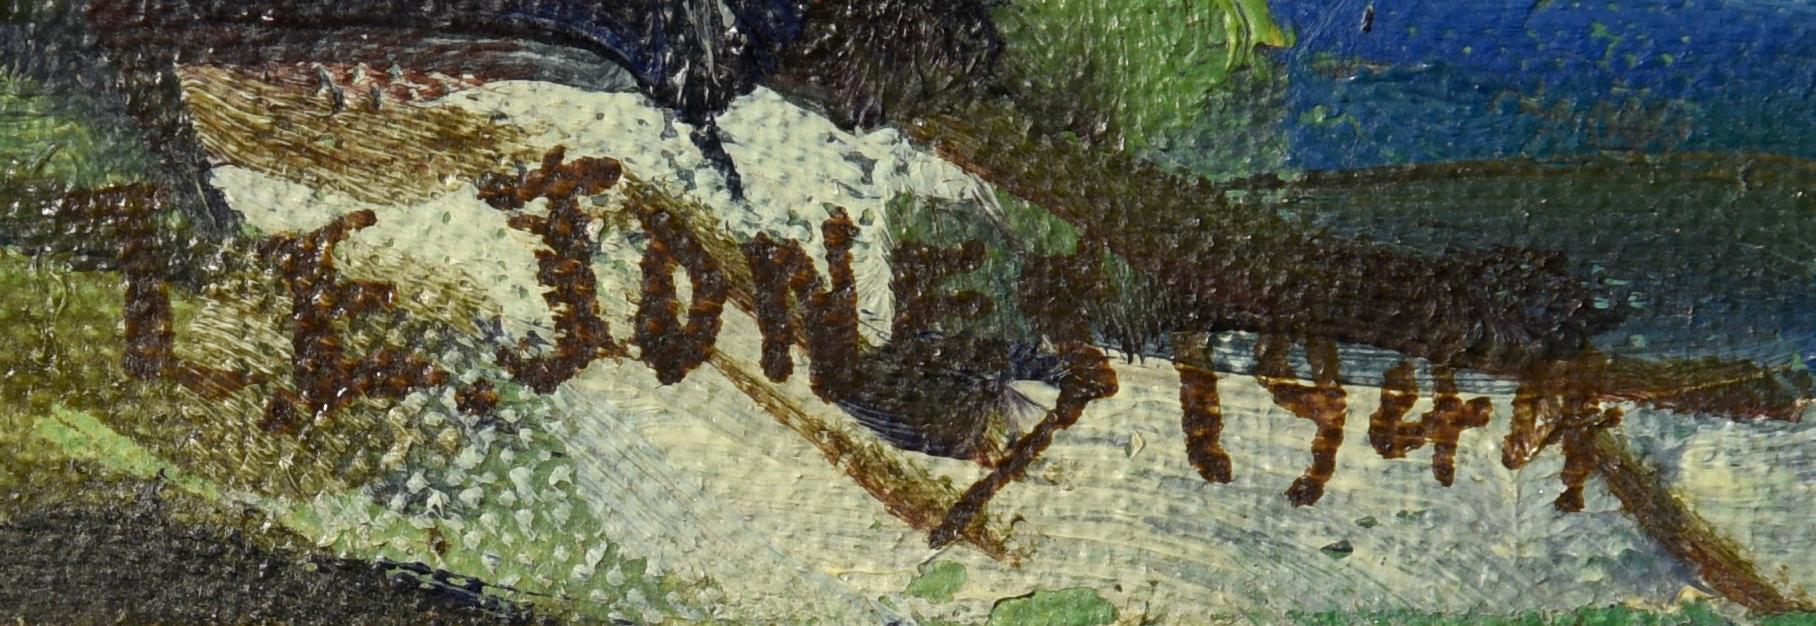 Lot 204: Louis E. Jones Oil On Board, Smoky Mtns